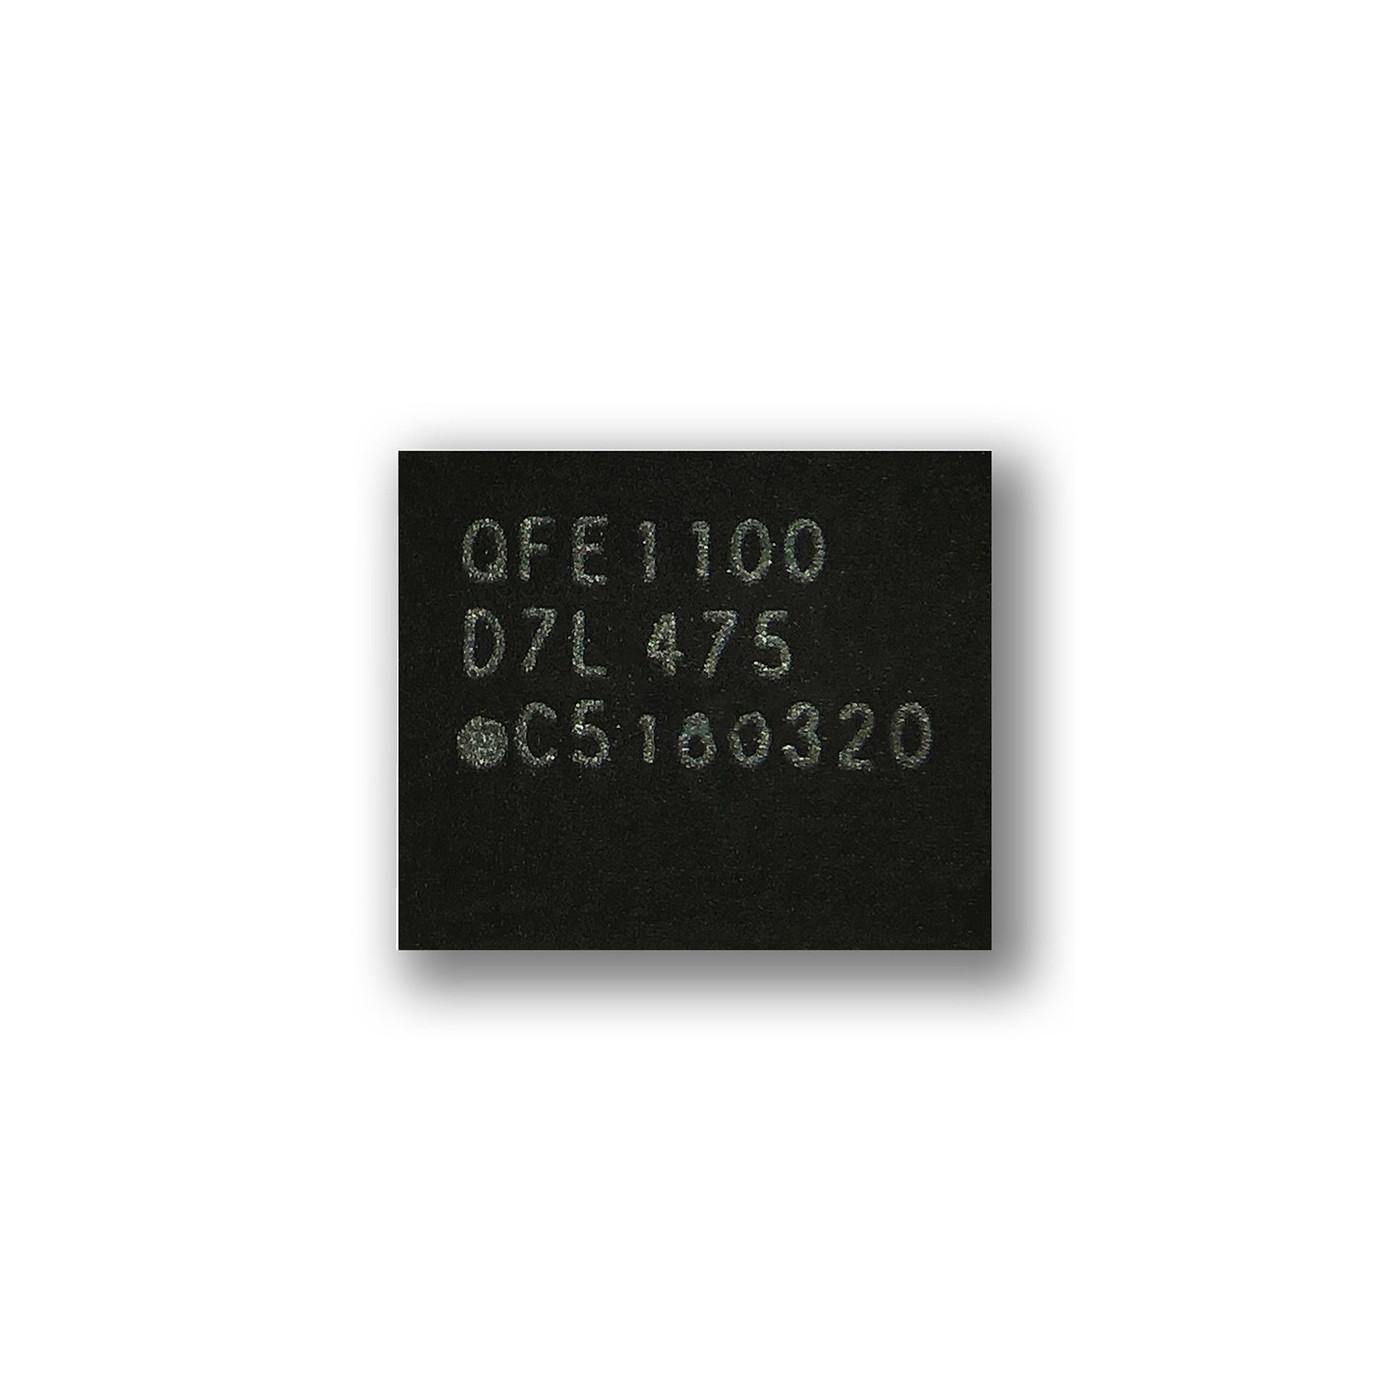 IC PUCE PUISSANCE DE SIGNAL QFE1100 POUR APPLE IPHONE 6S - SIGNAL DE PUISSANCE 6S PLUS